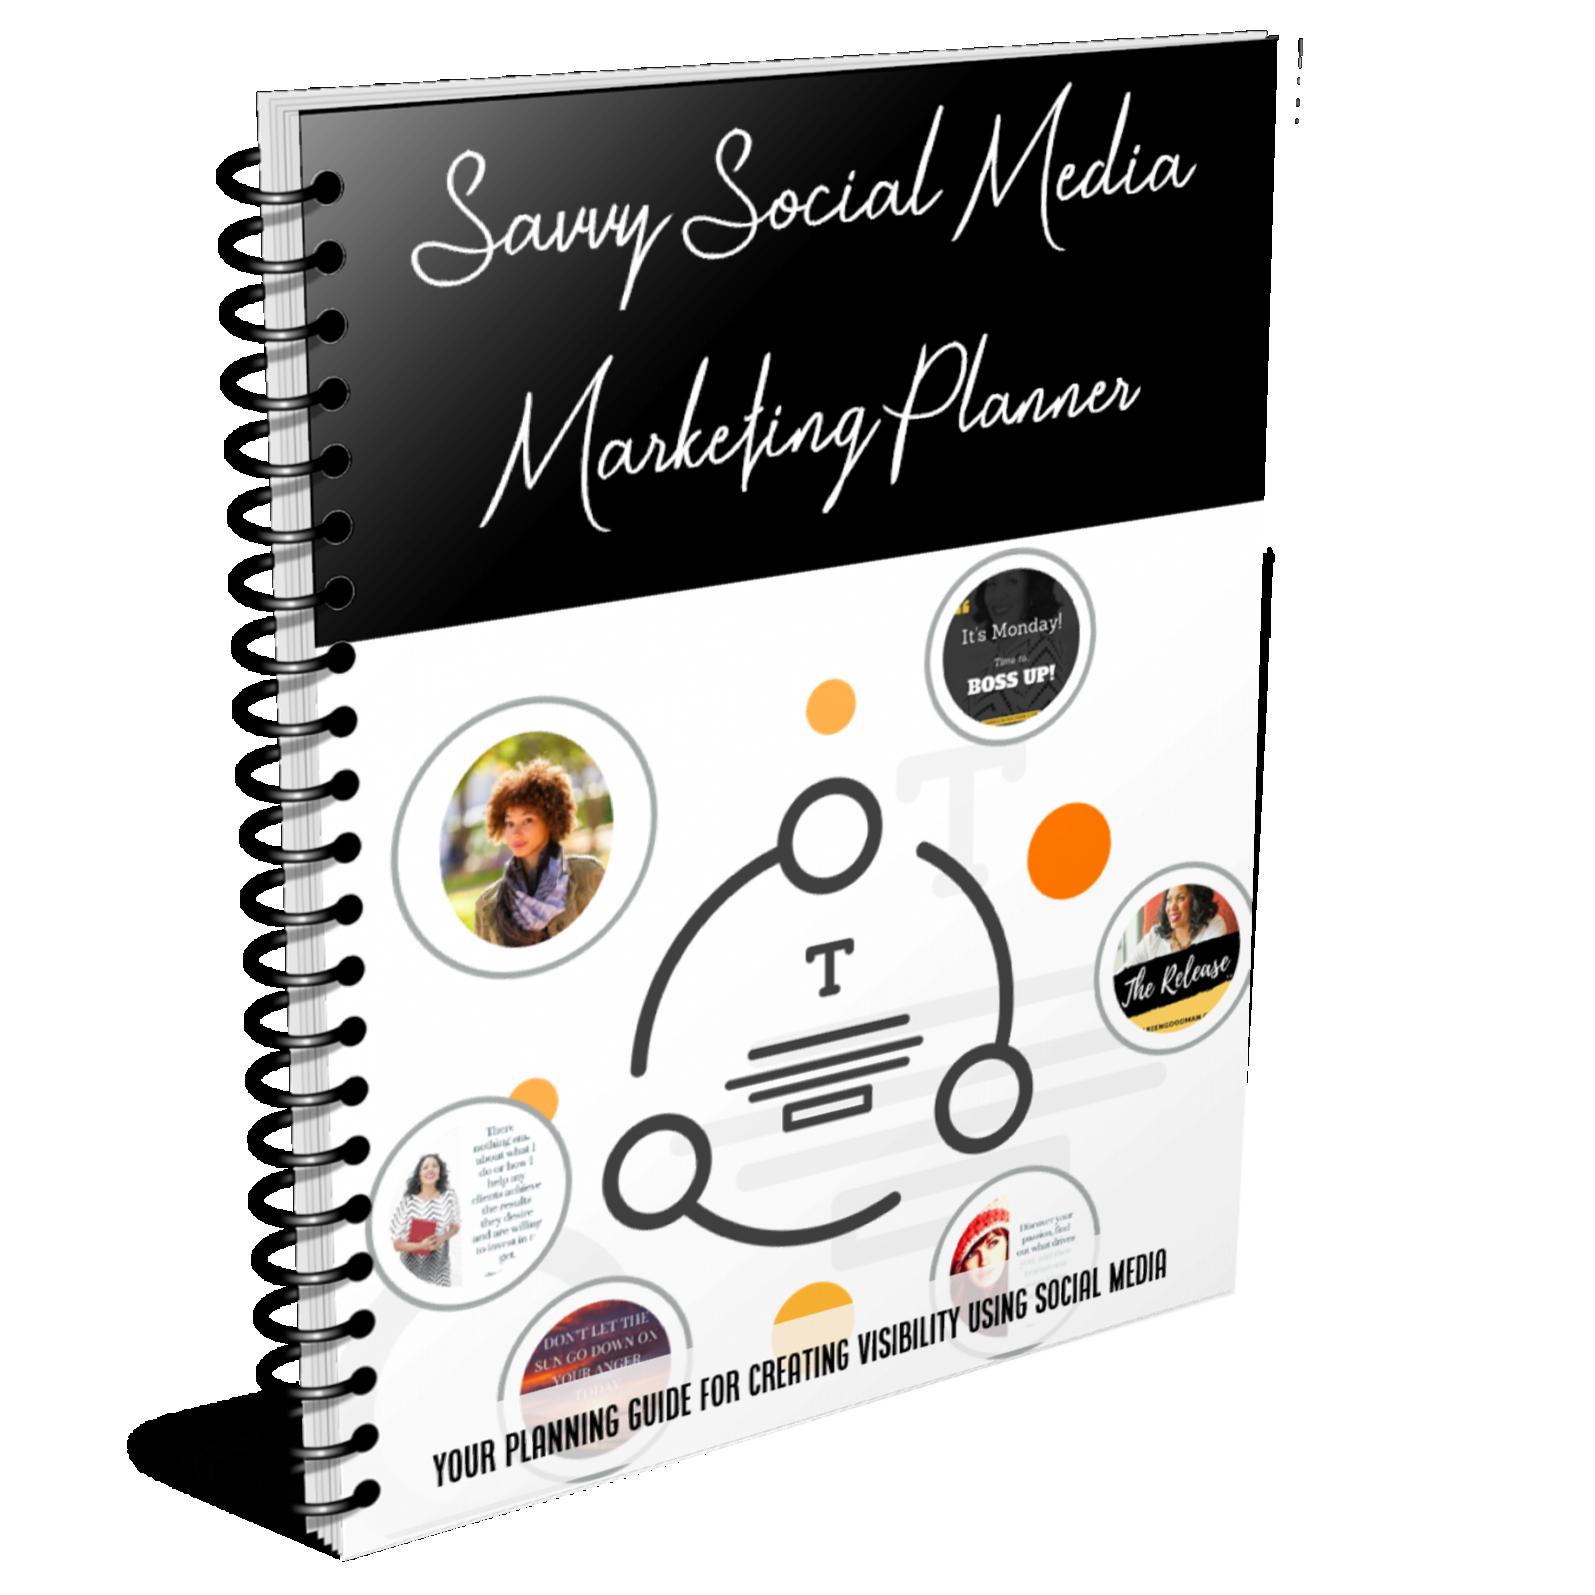 Savvy Social Media Marketing Planner